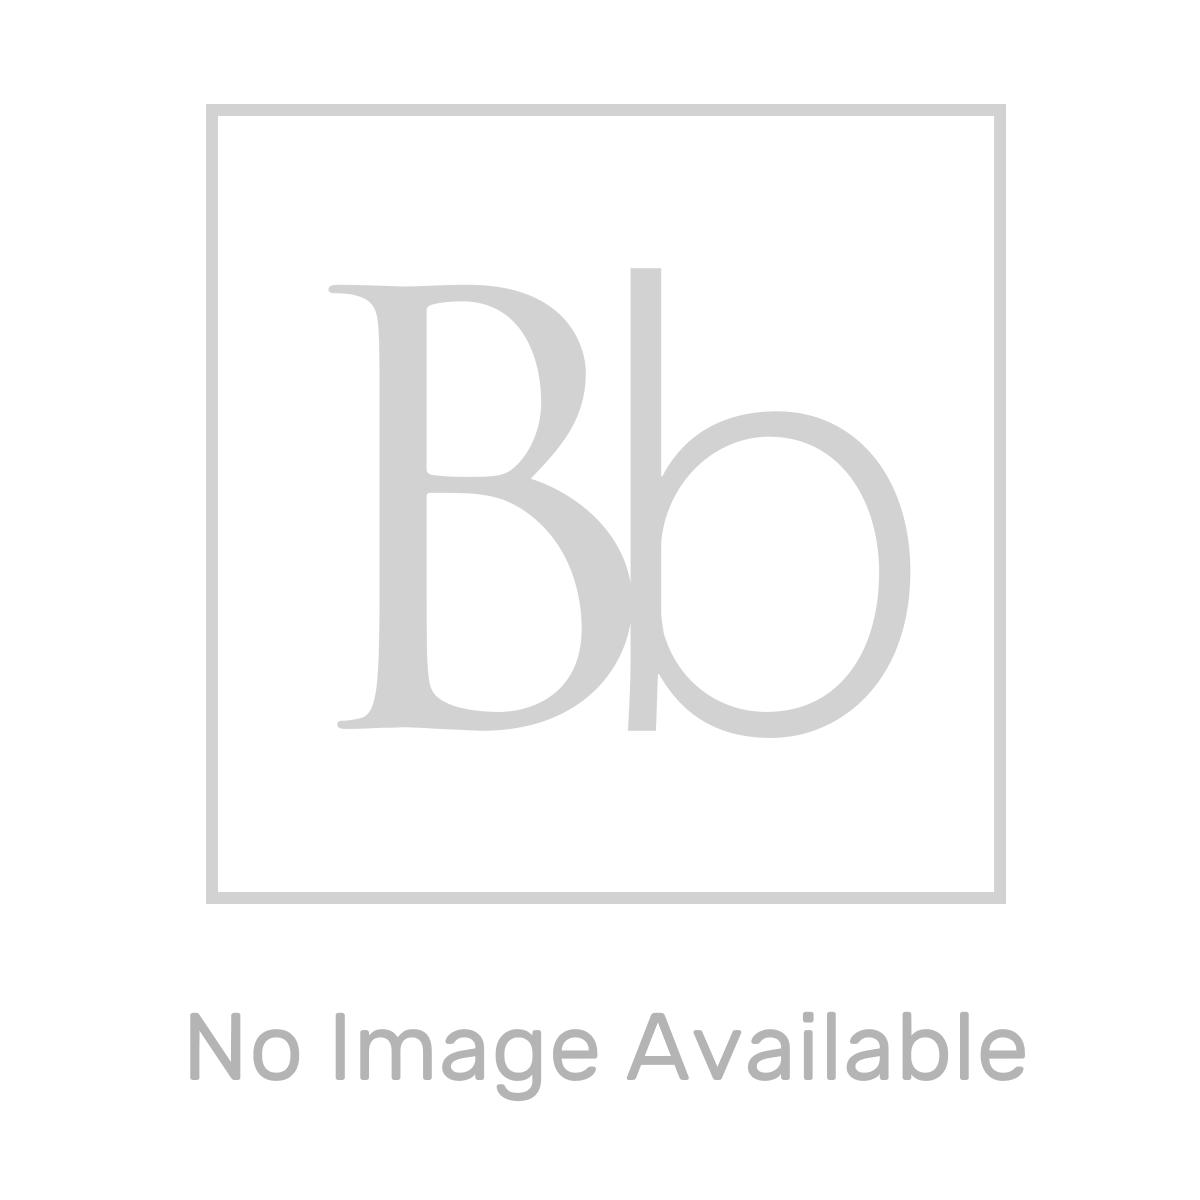 Frontline Chrome Vivid 3 Light Spotlight 180mm